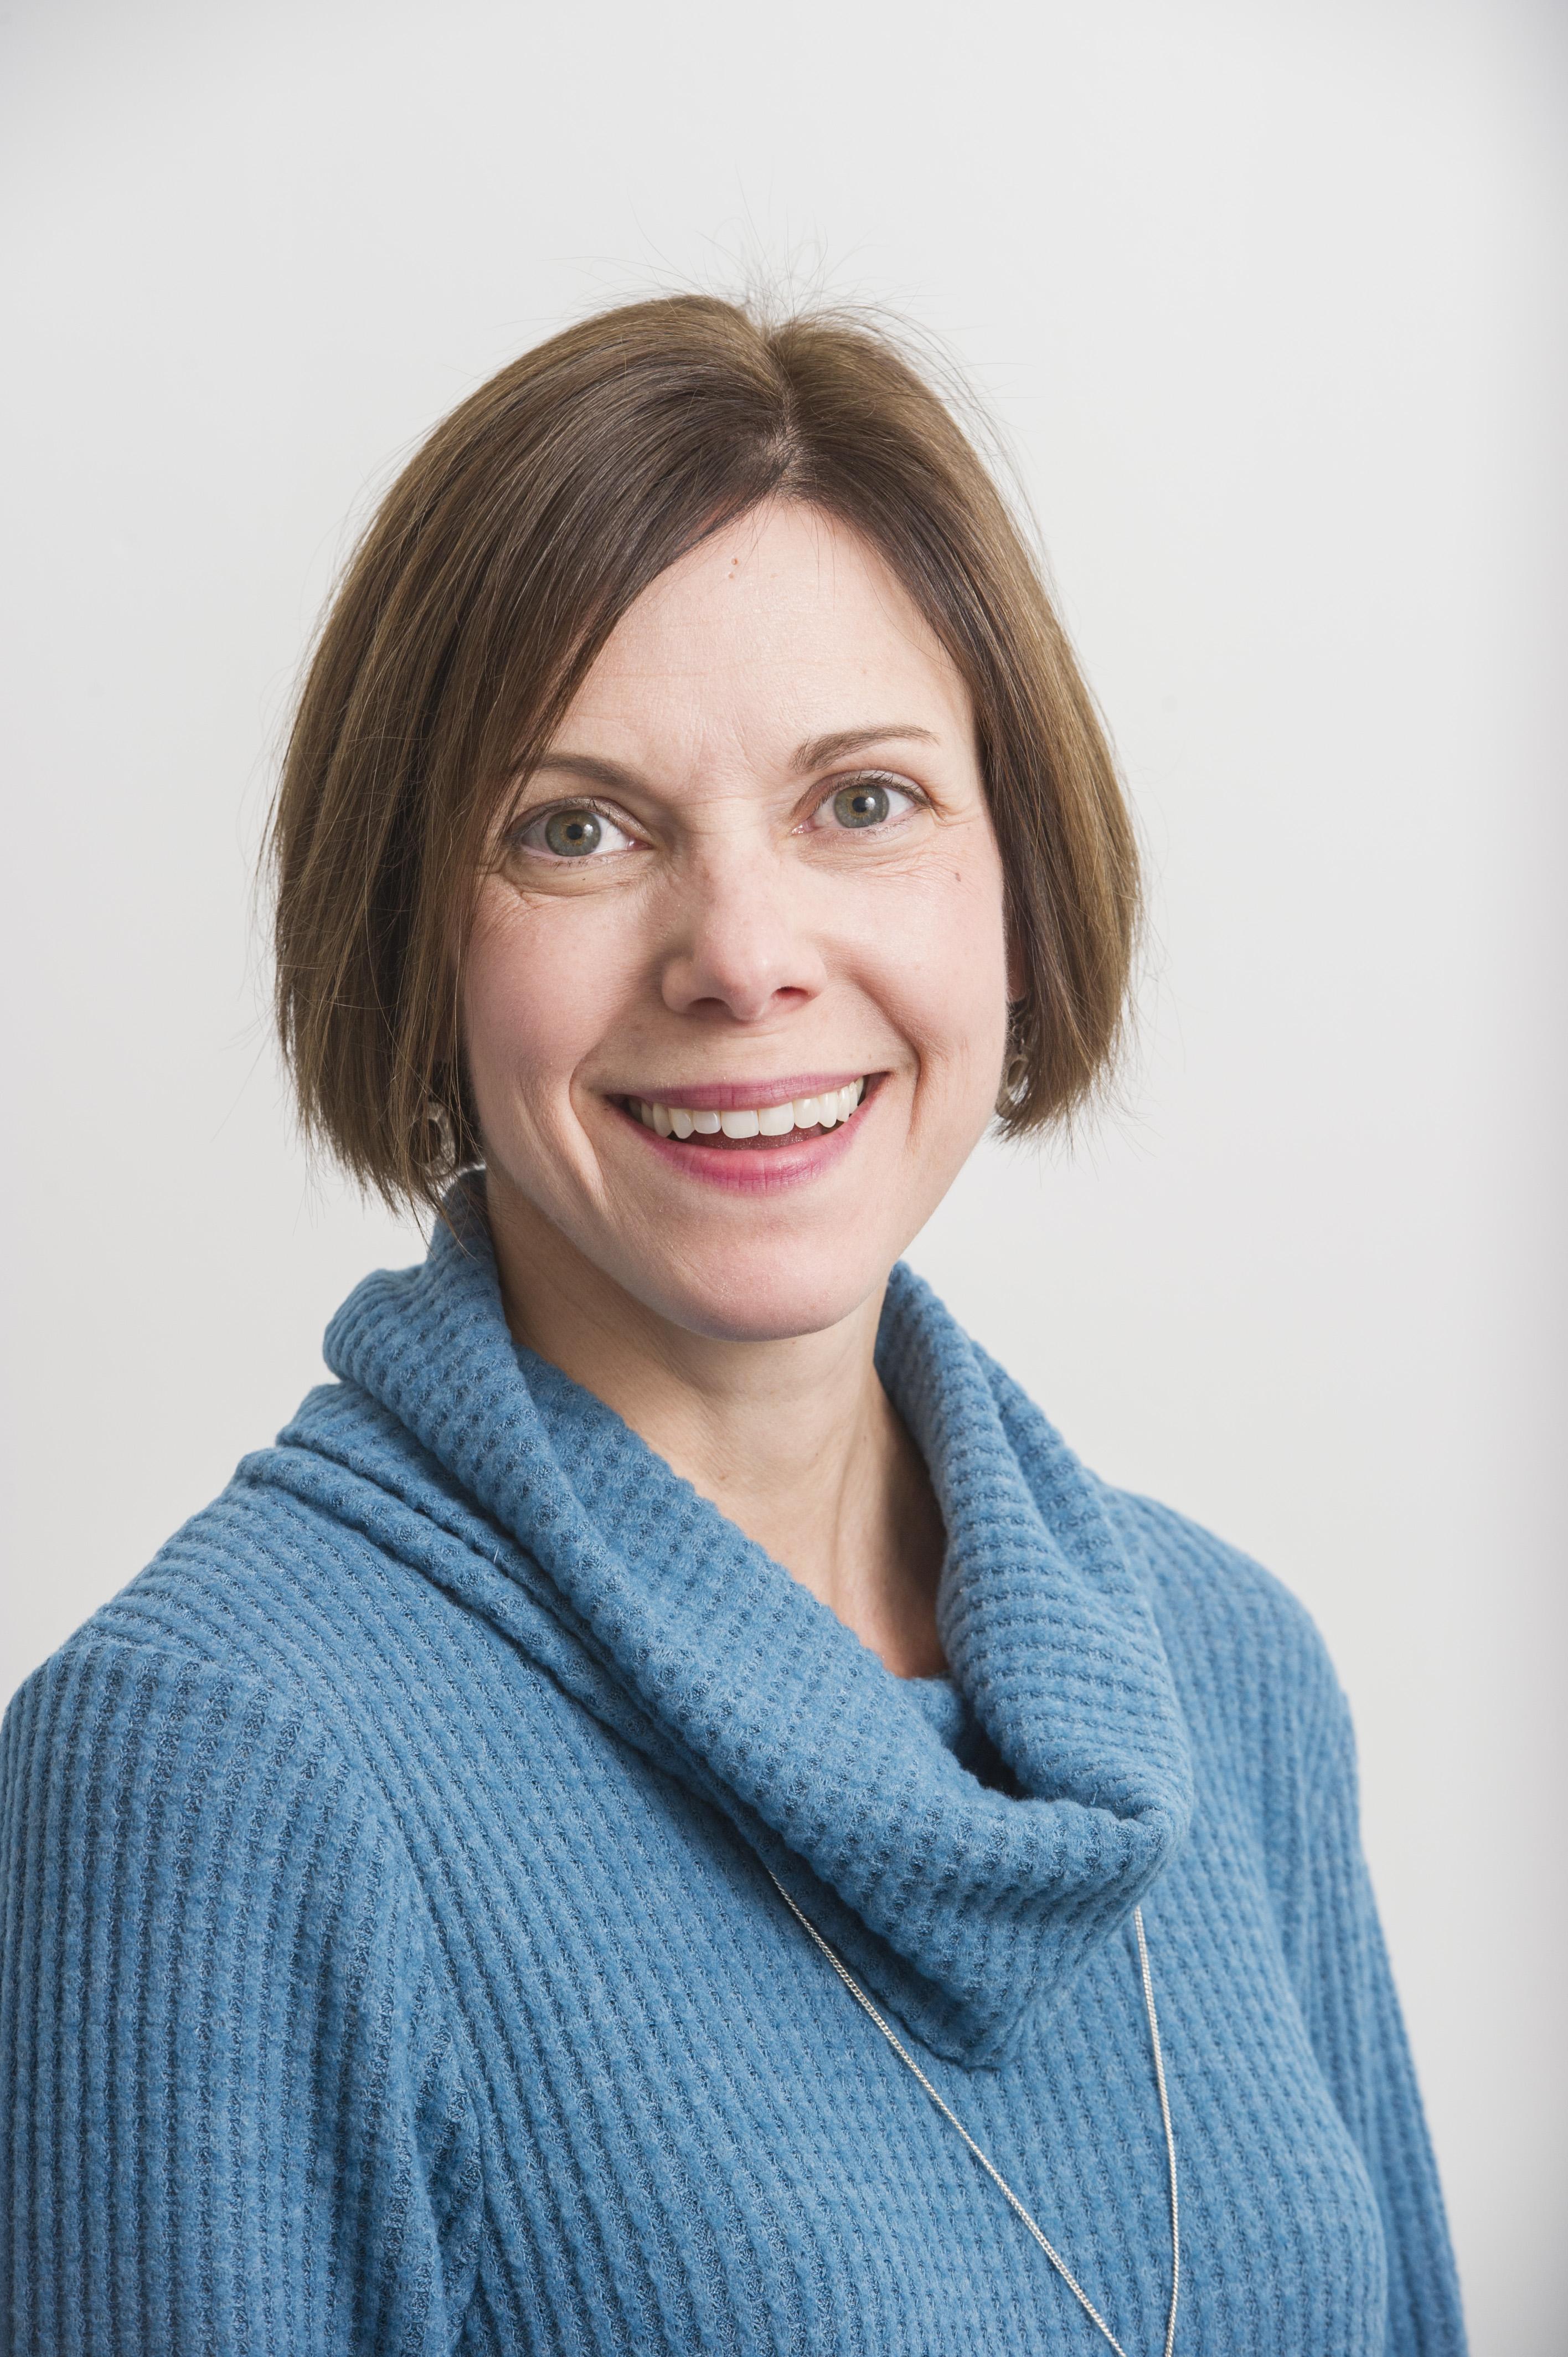 Linda O. Lange, M.A., CCC-SLP